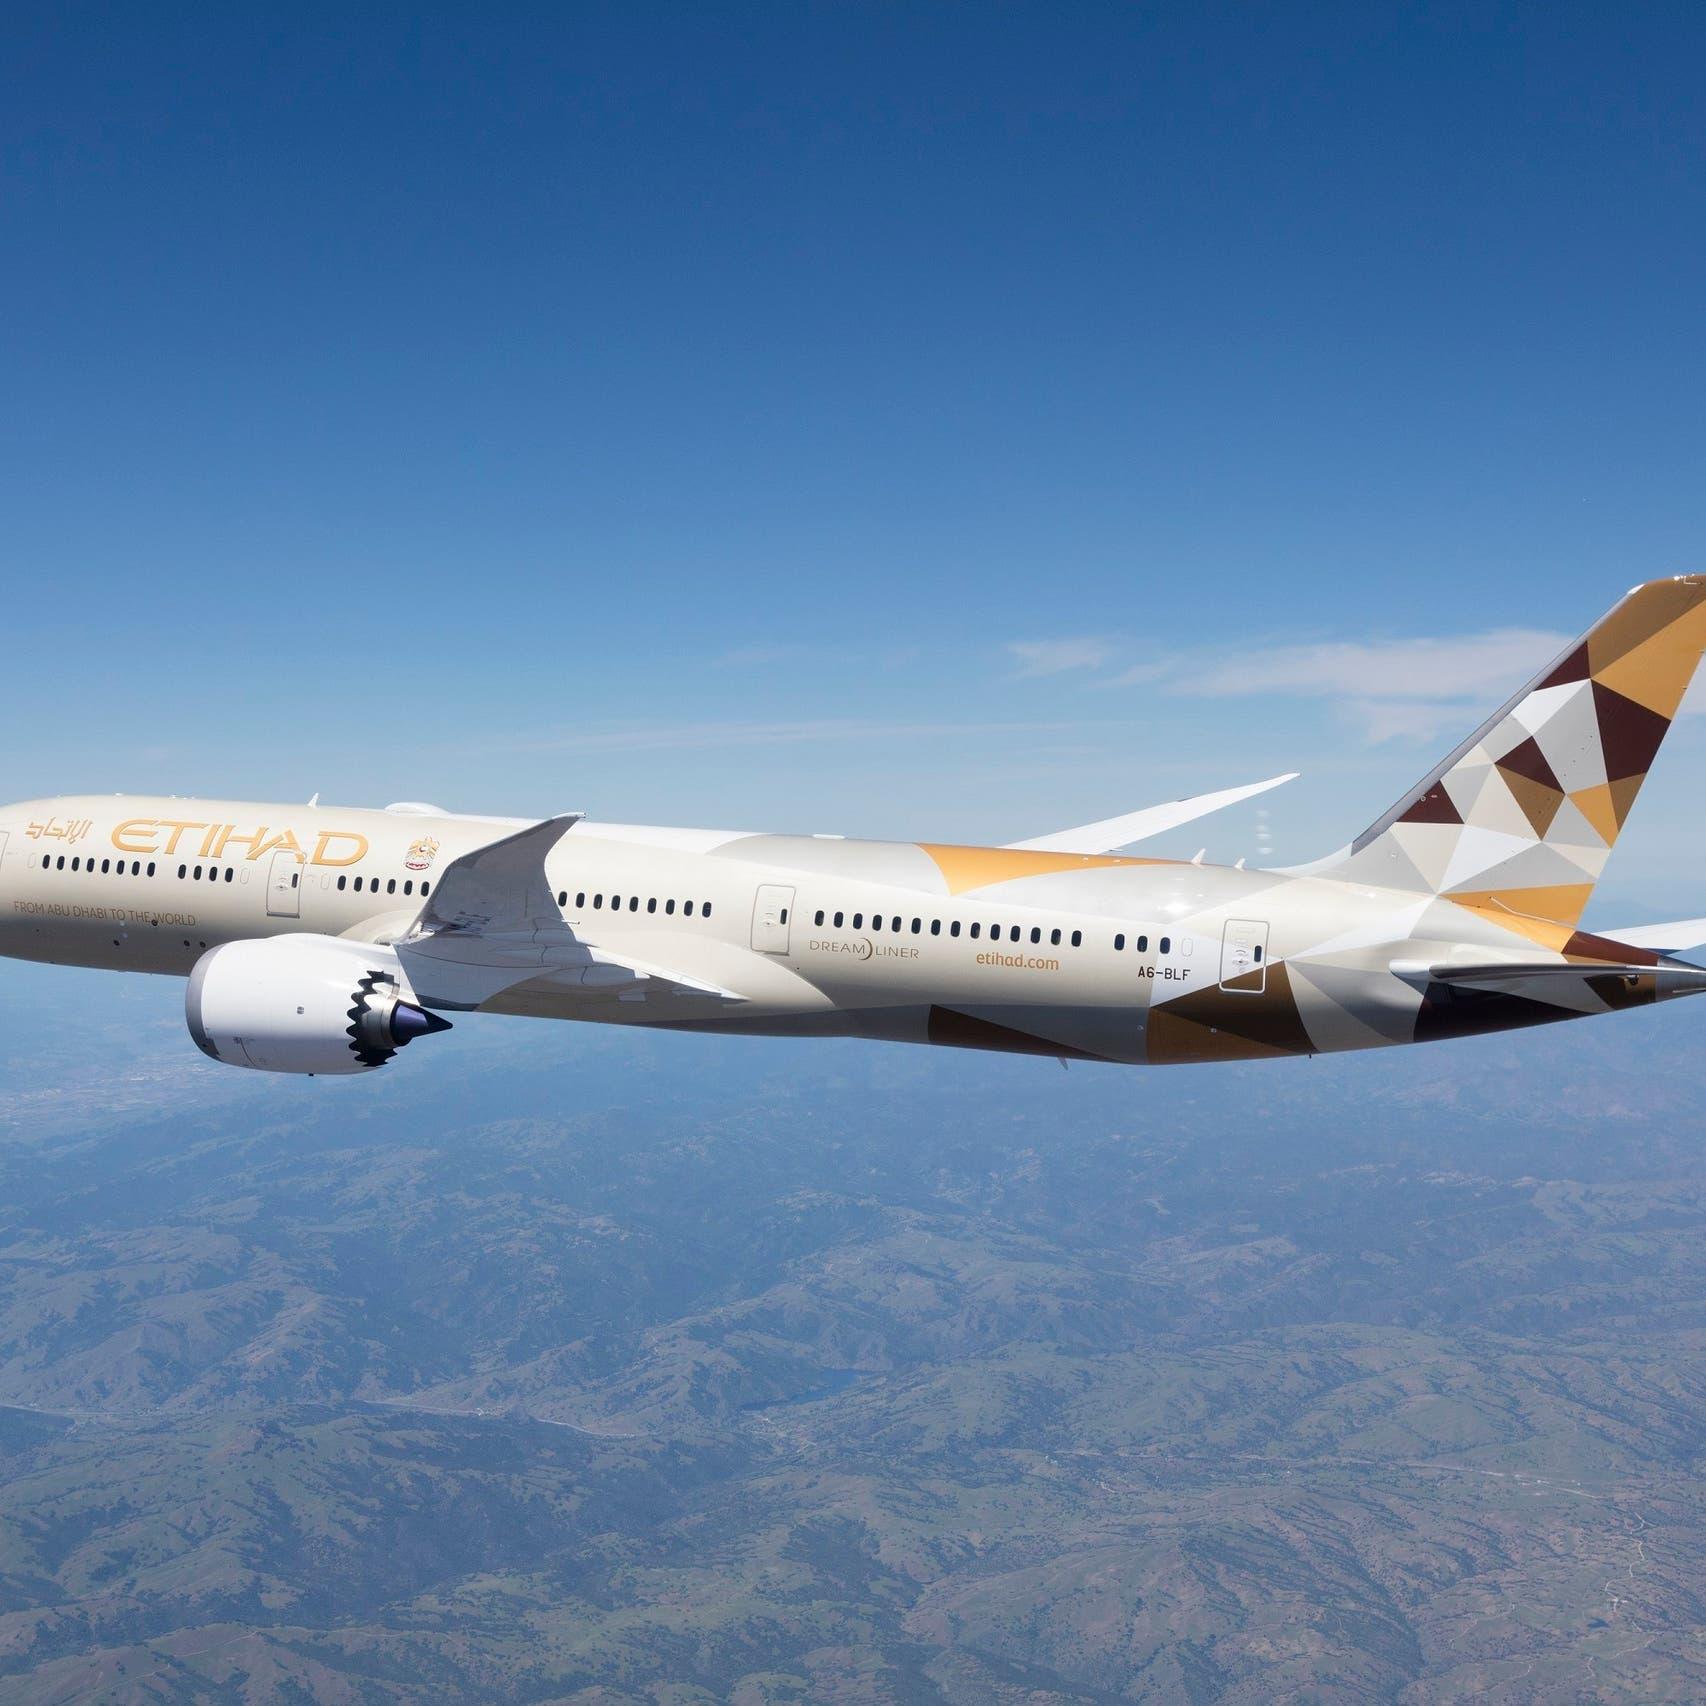 الاتحاد للطيران تخسر نصف مليار دولار في الربع الثاني